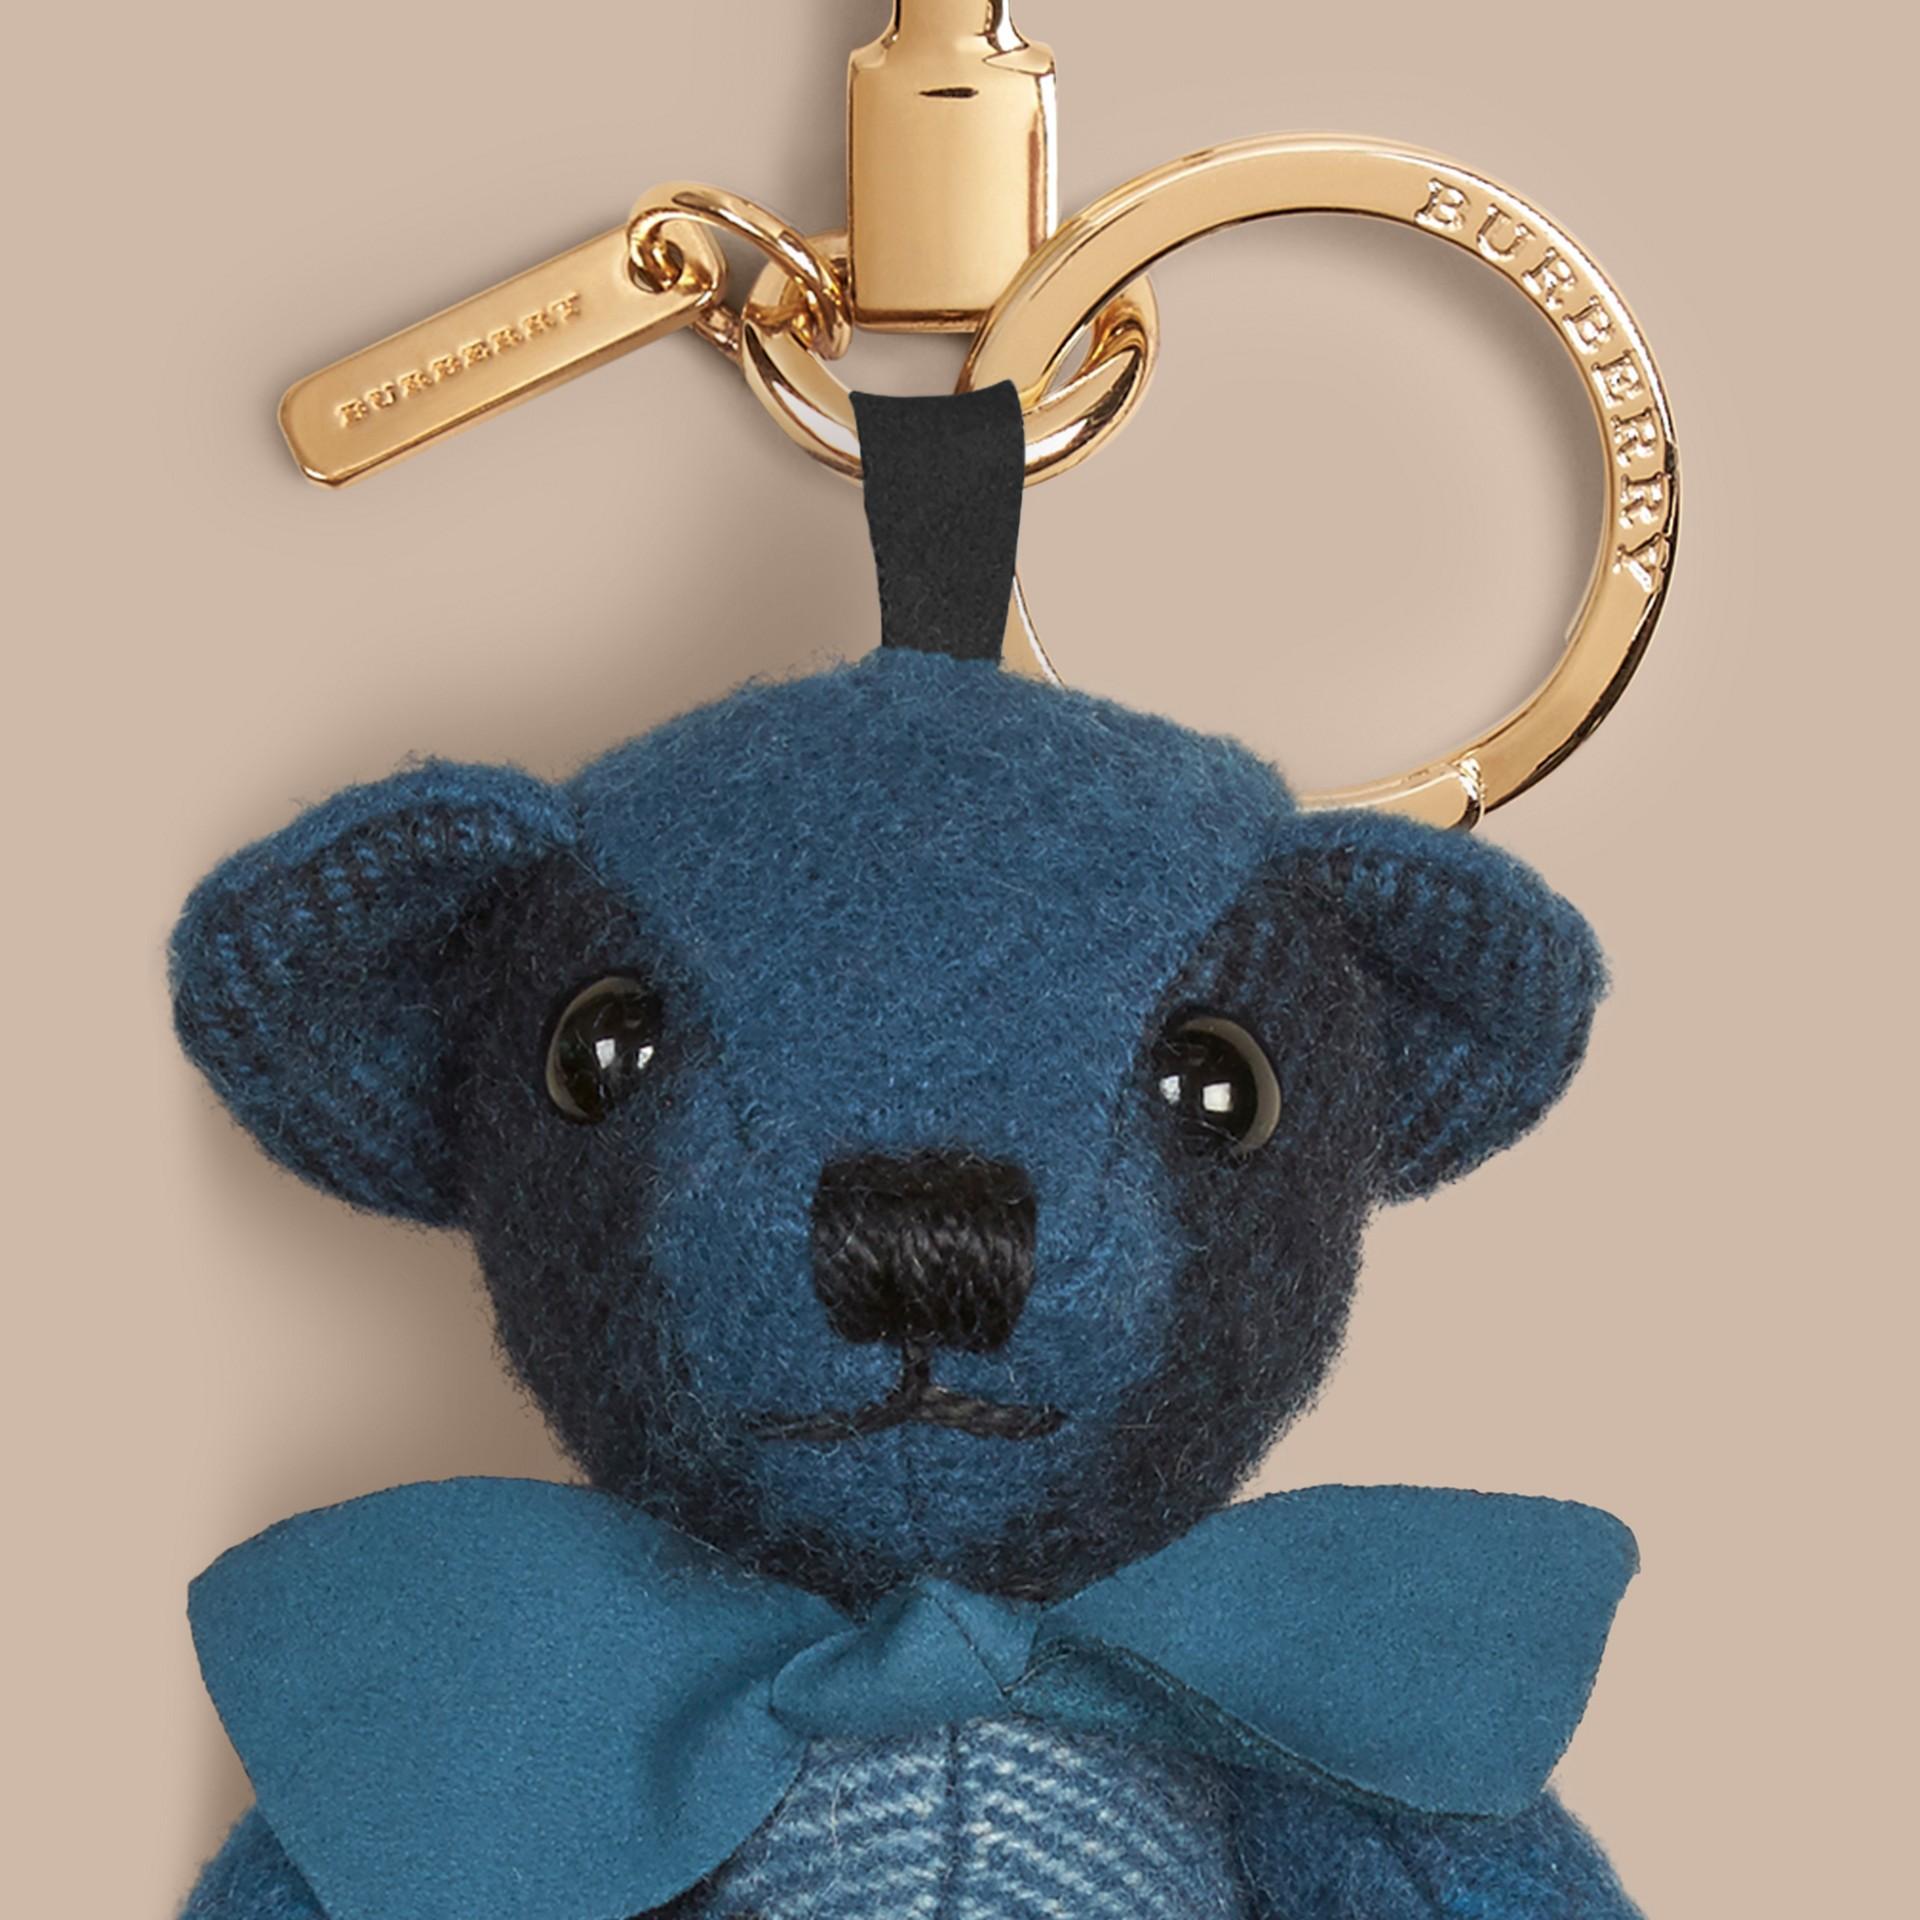 格紋喀什米爾 Thomas 泰迪熊墜飾 暗水色 - 圖庫照片 2